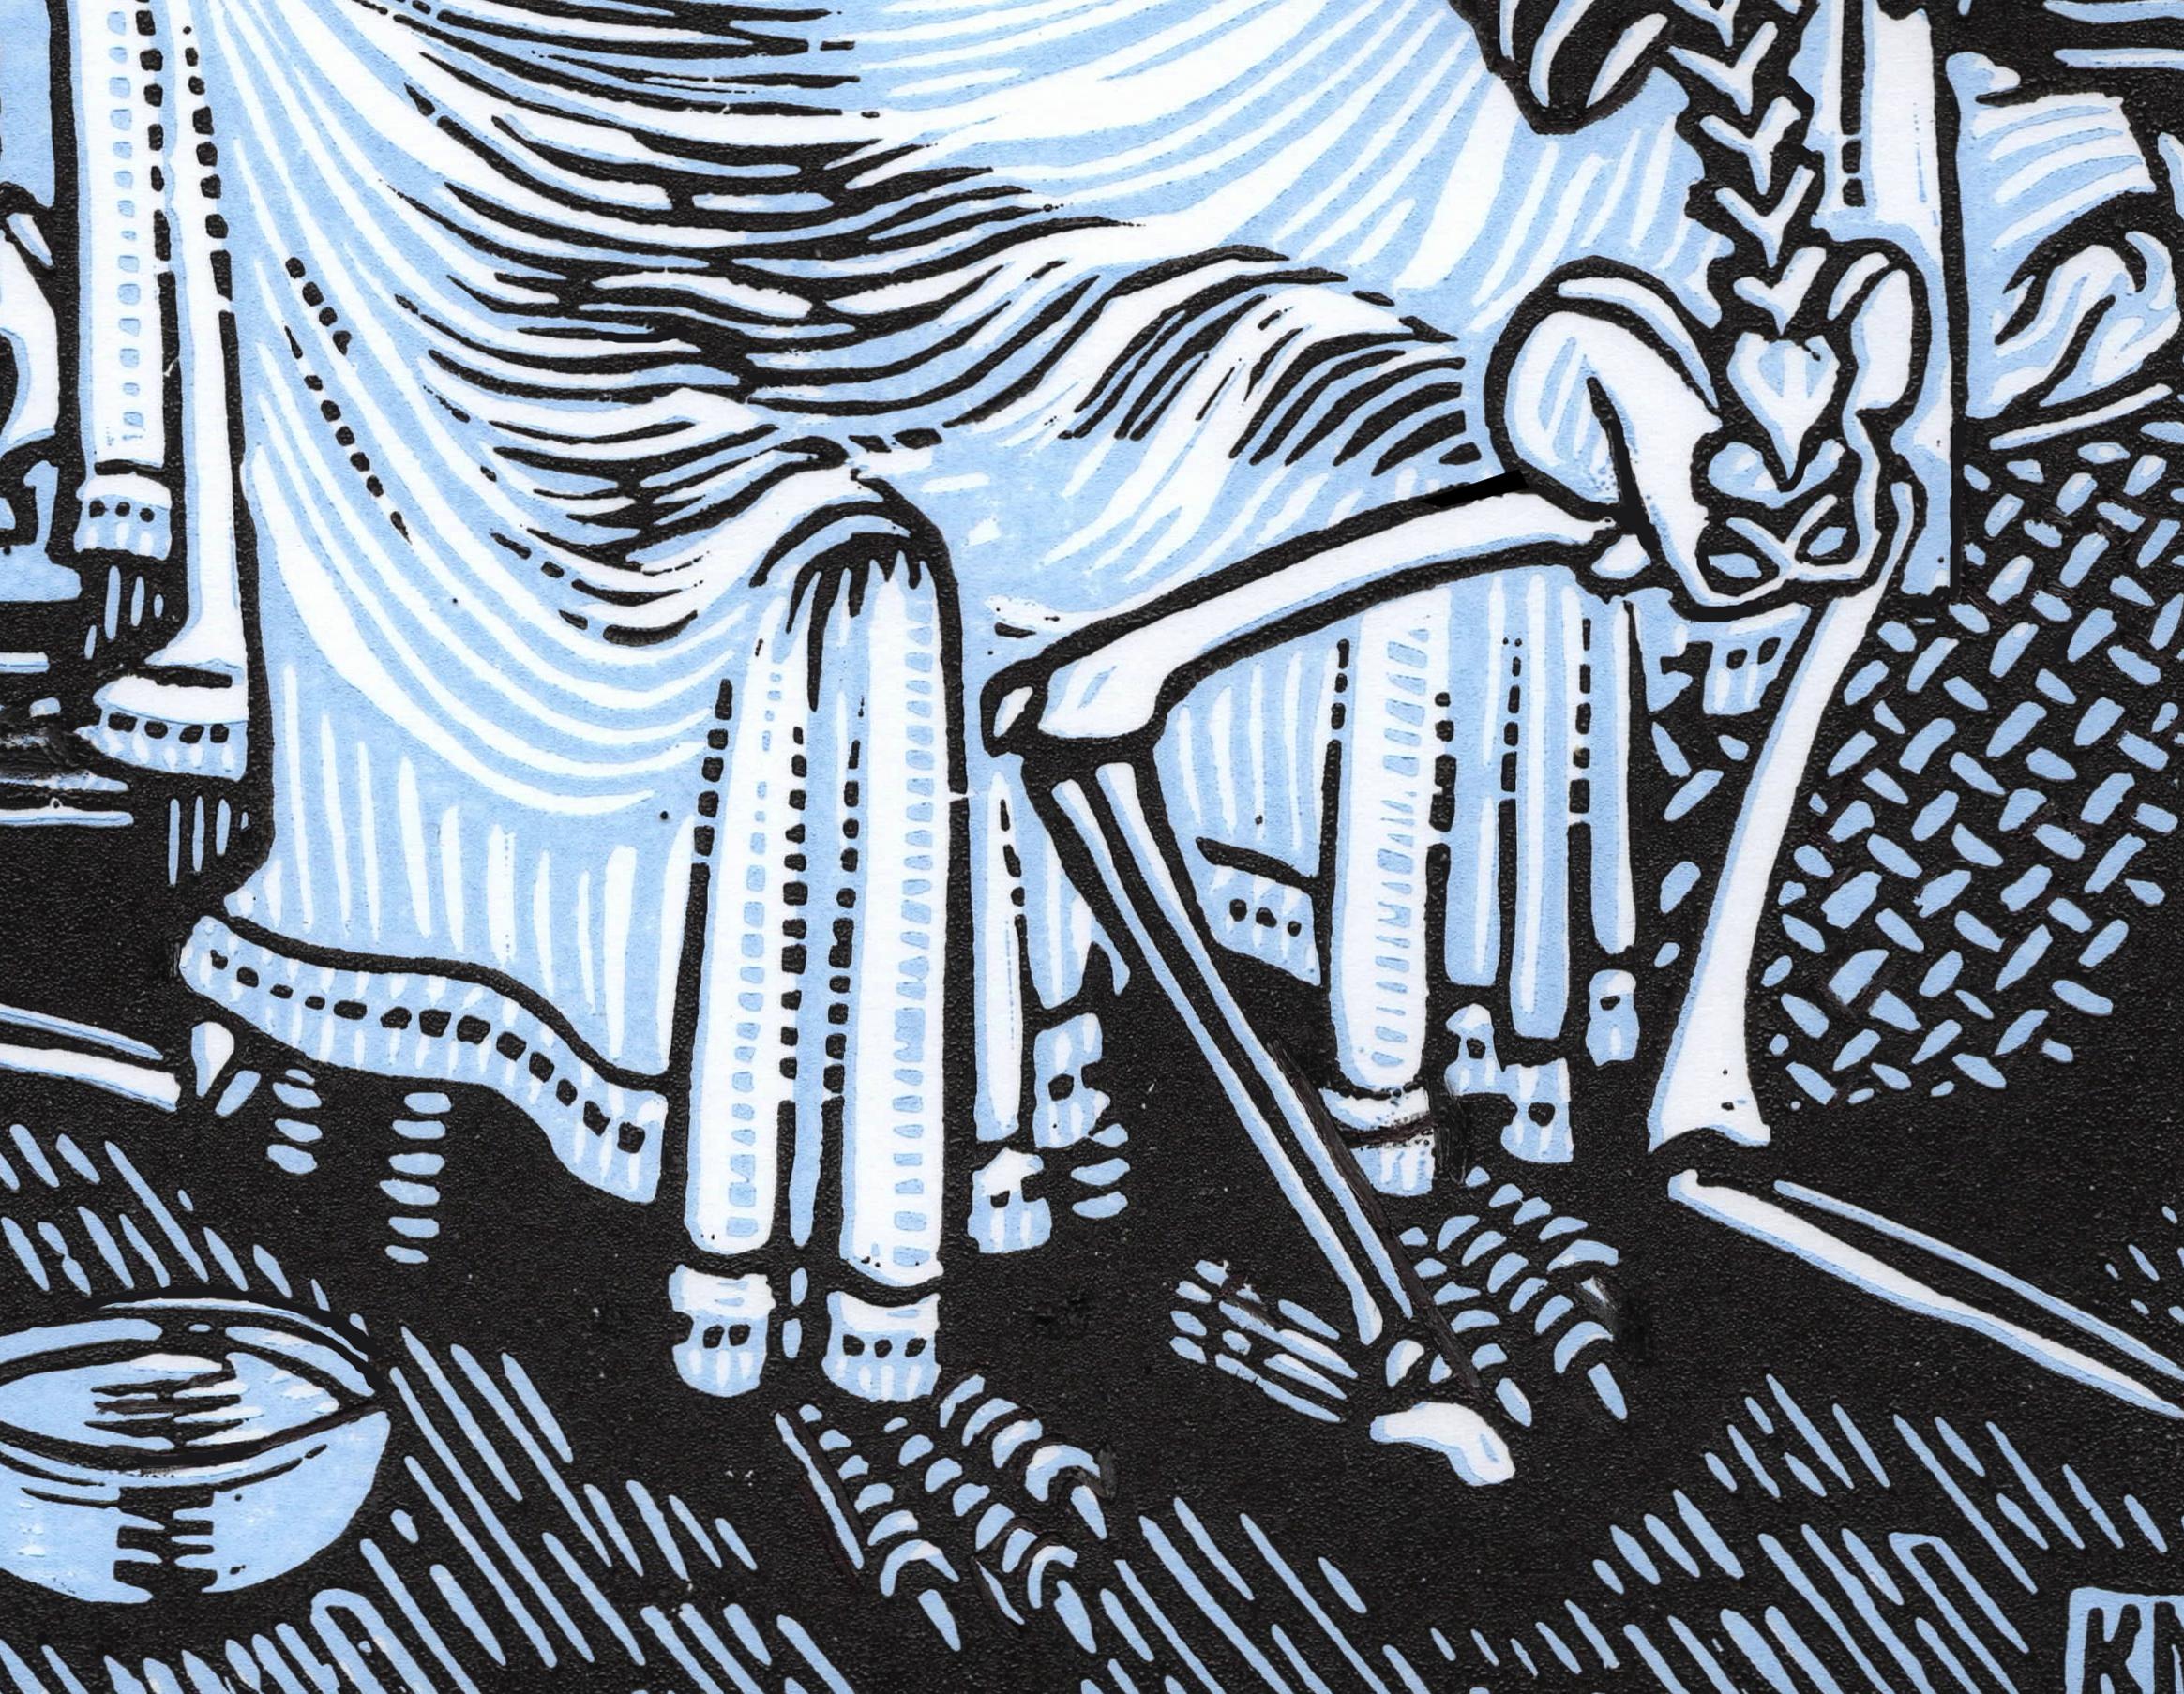 migrant III detail 3.jpg